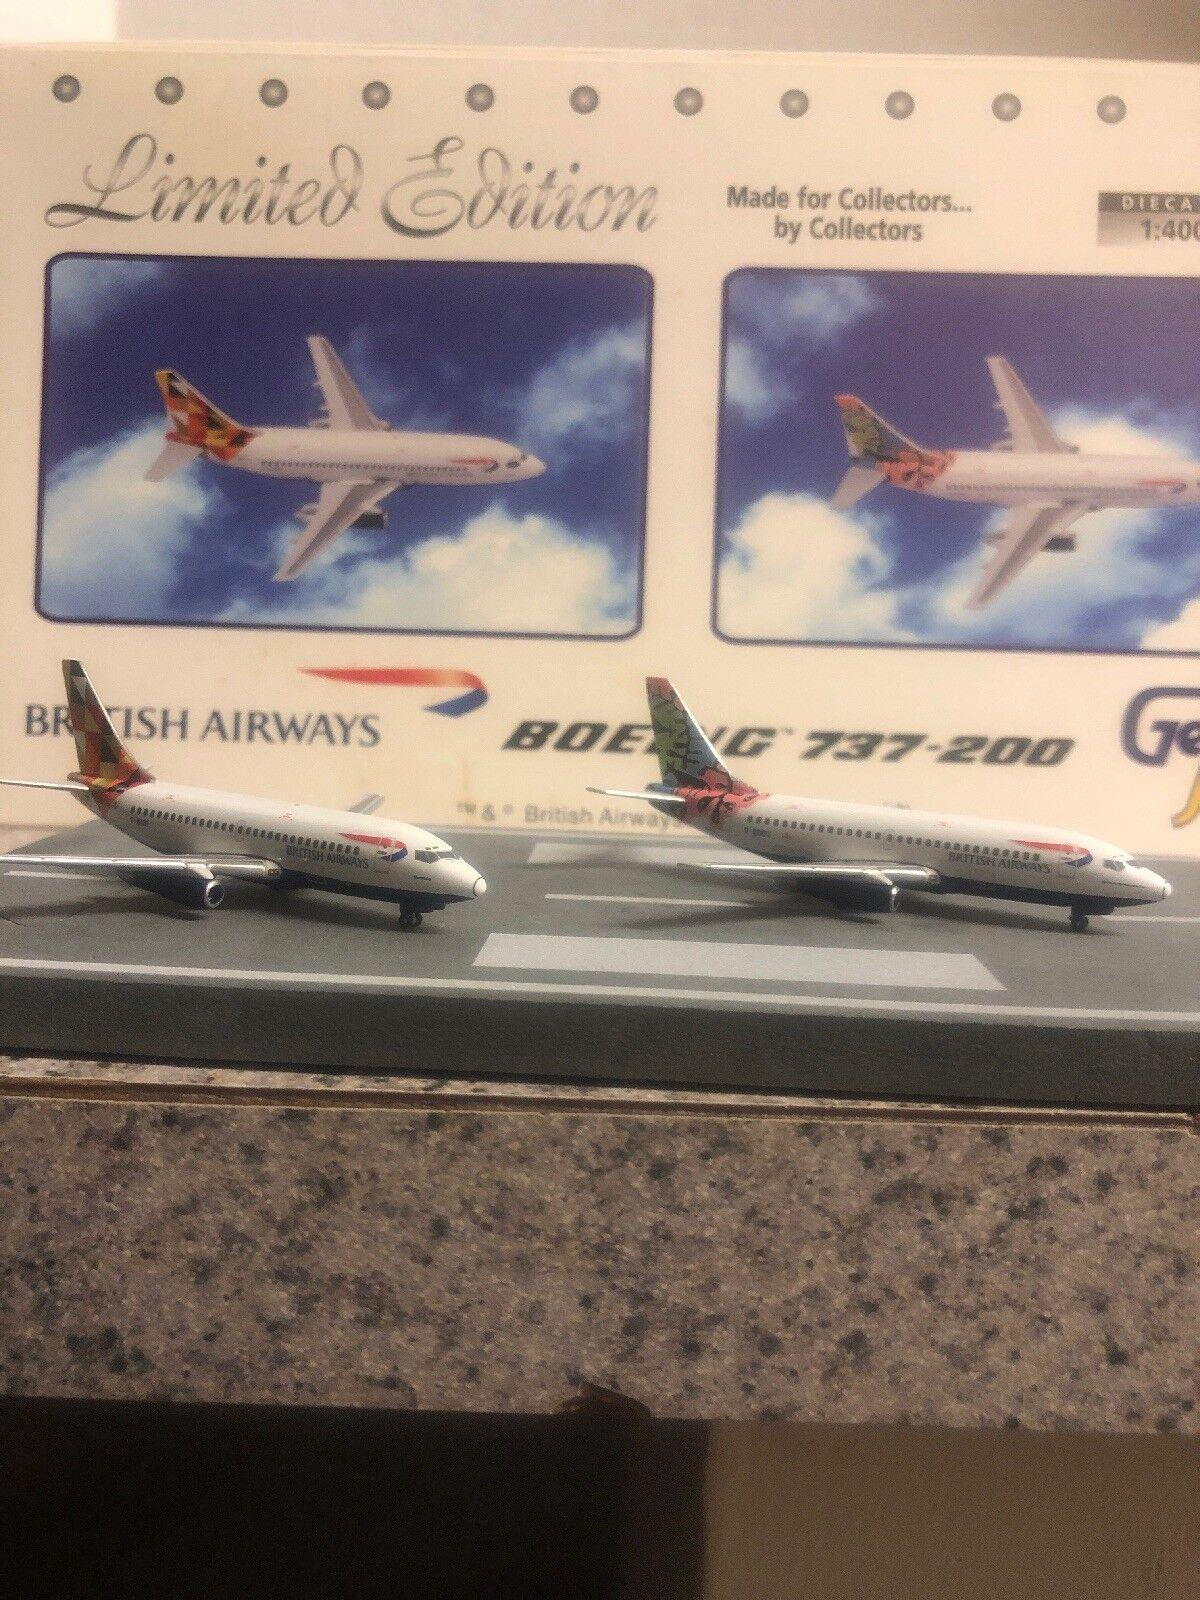 Gj Limited Edition 400 escala Diecast modelos conjunto de BA B737-2 aviones comerciales